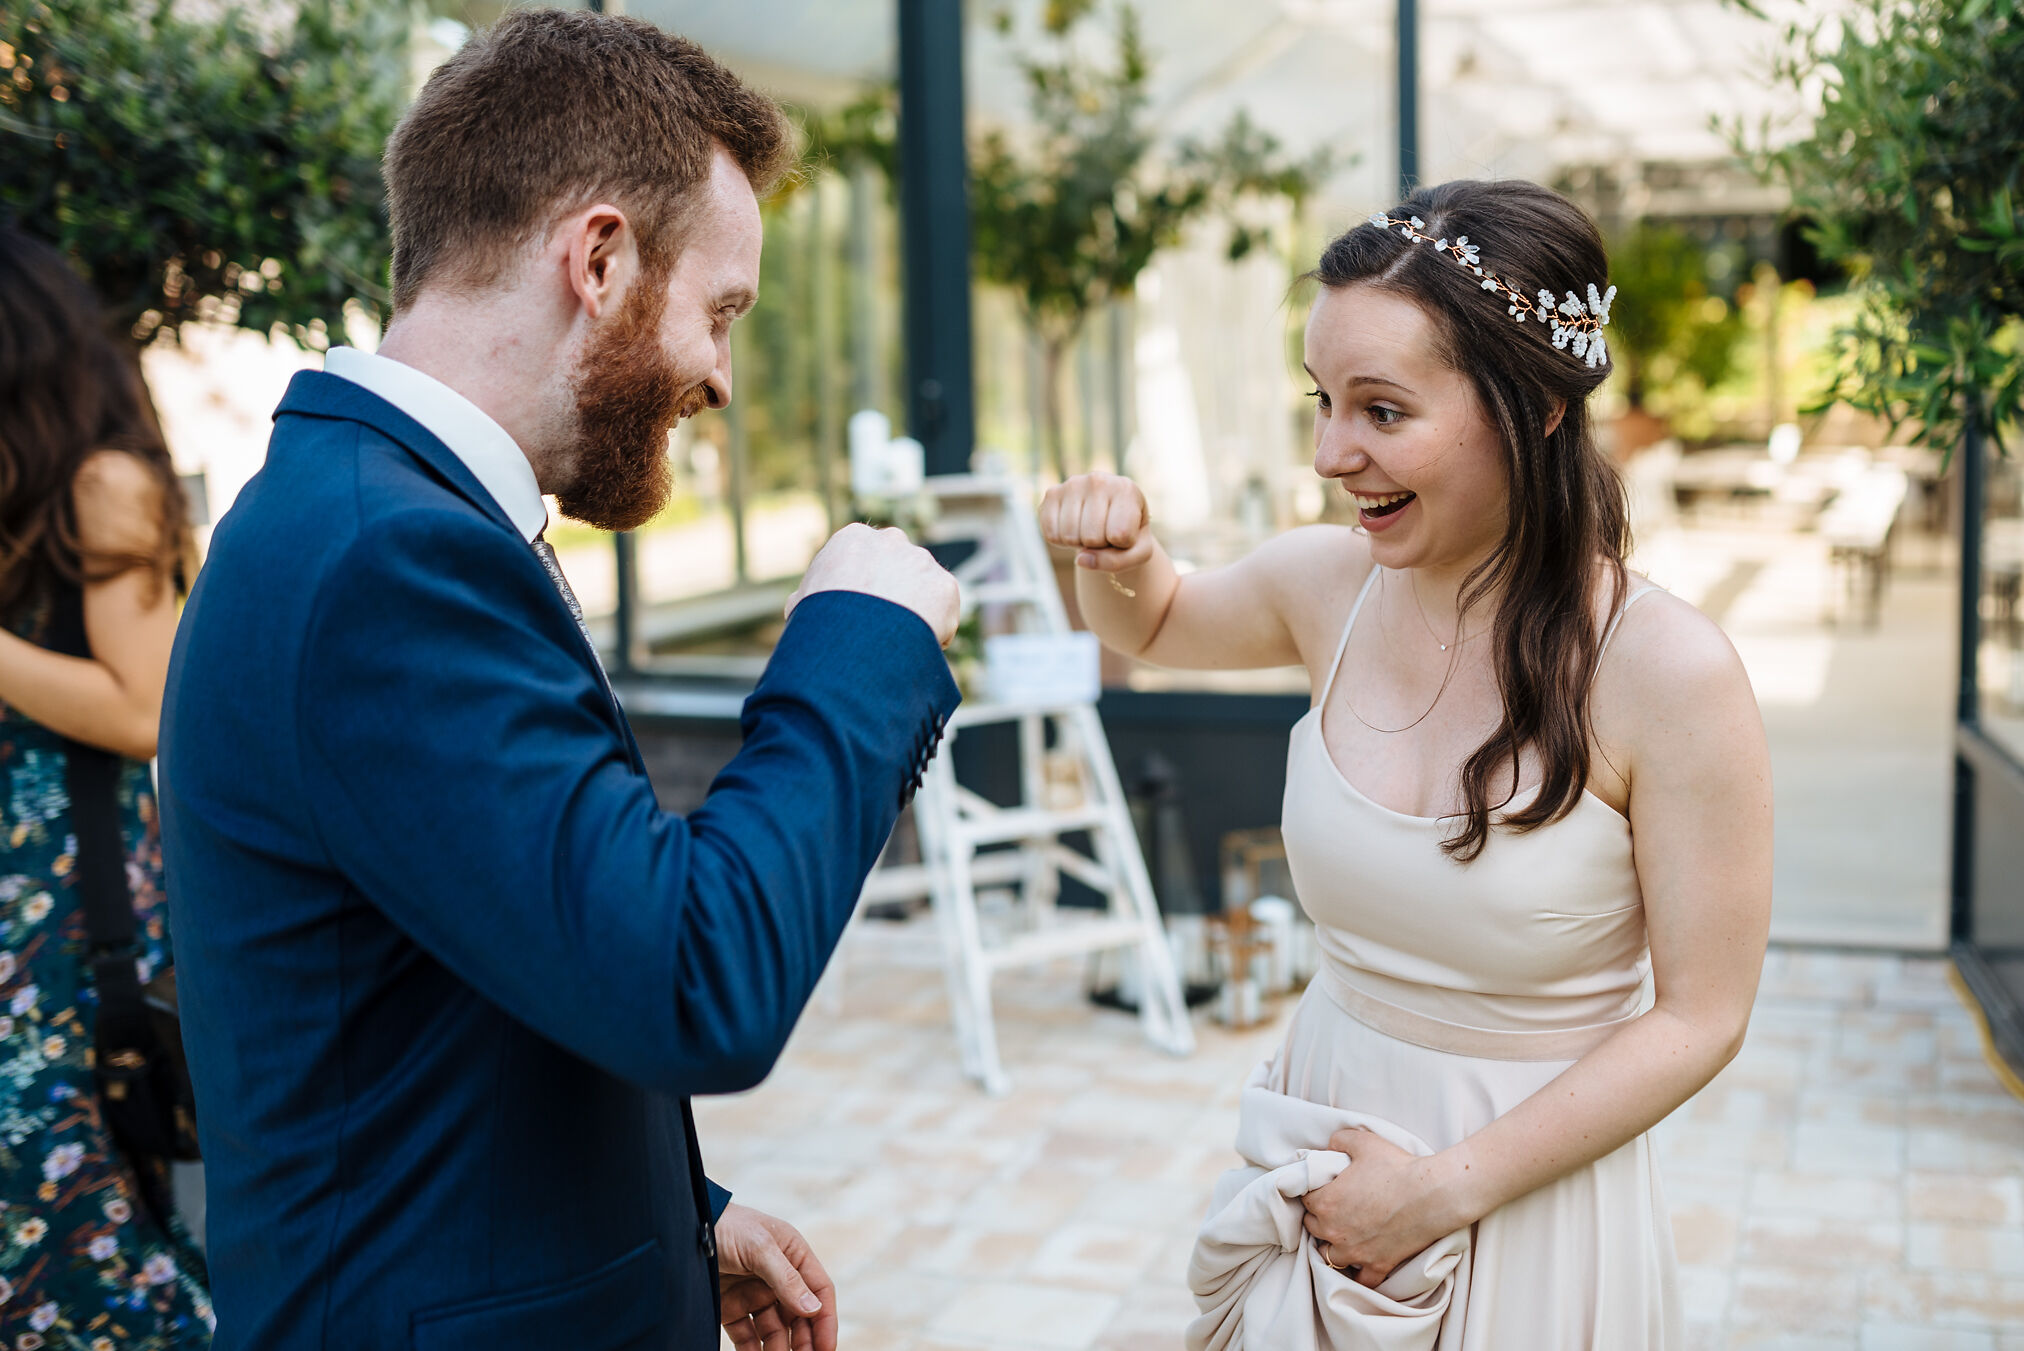 Hochzeit-Garten-Denoti-18.jpg